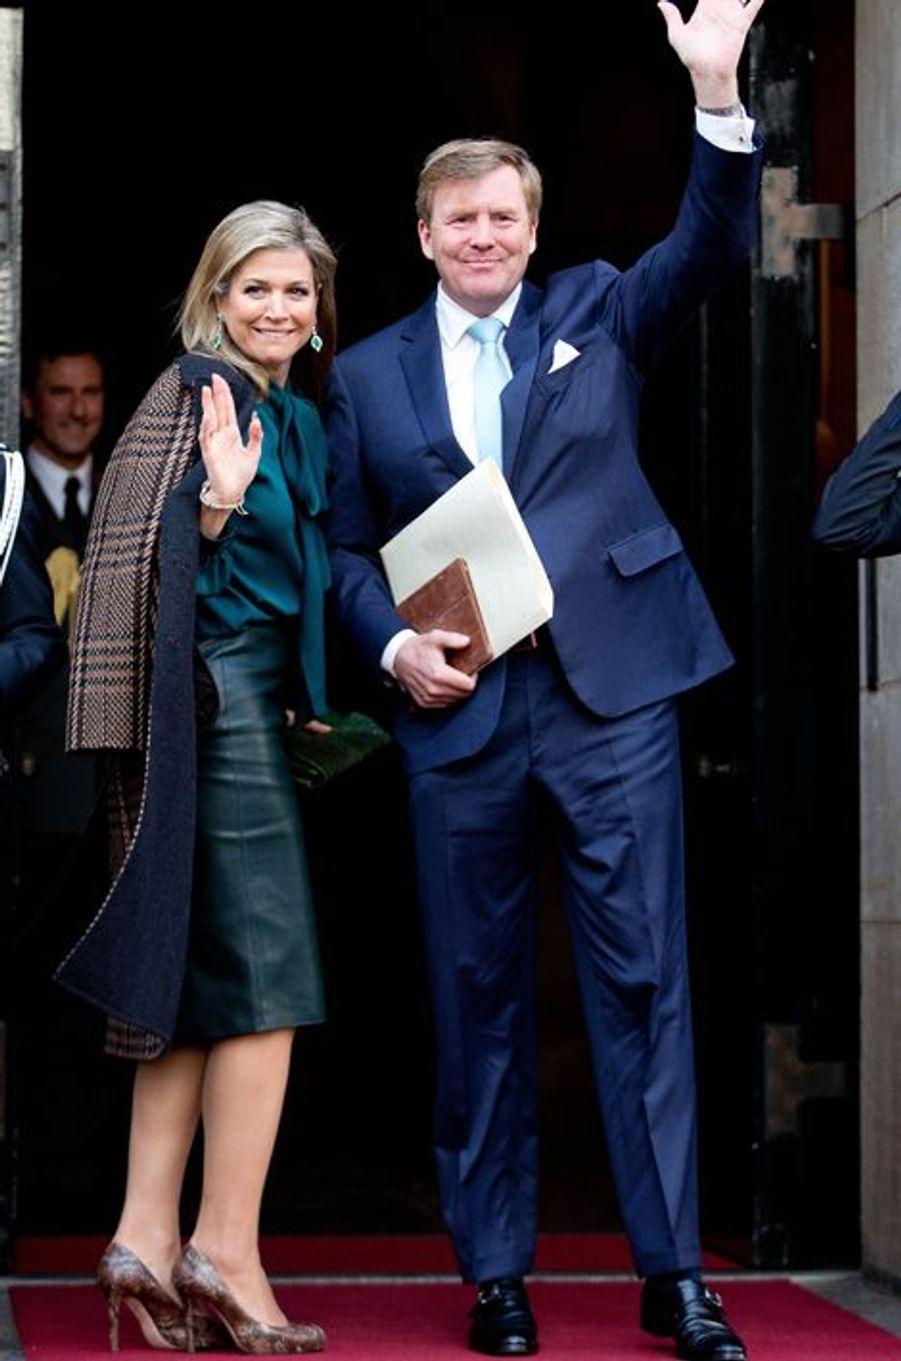 La reine Maxima et le roi Willem-Alexander des Pays-Bas à Amsterdam, le 12 janvier 2016